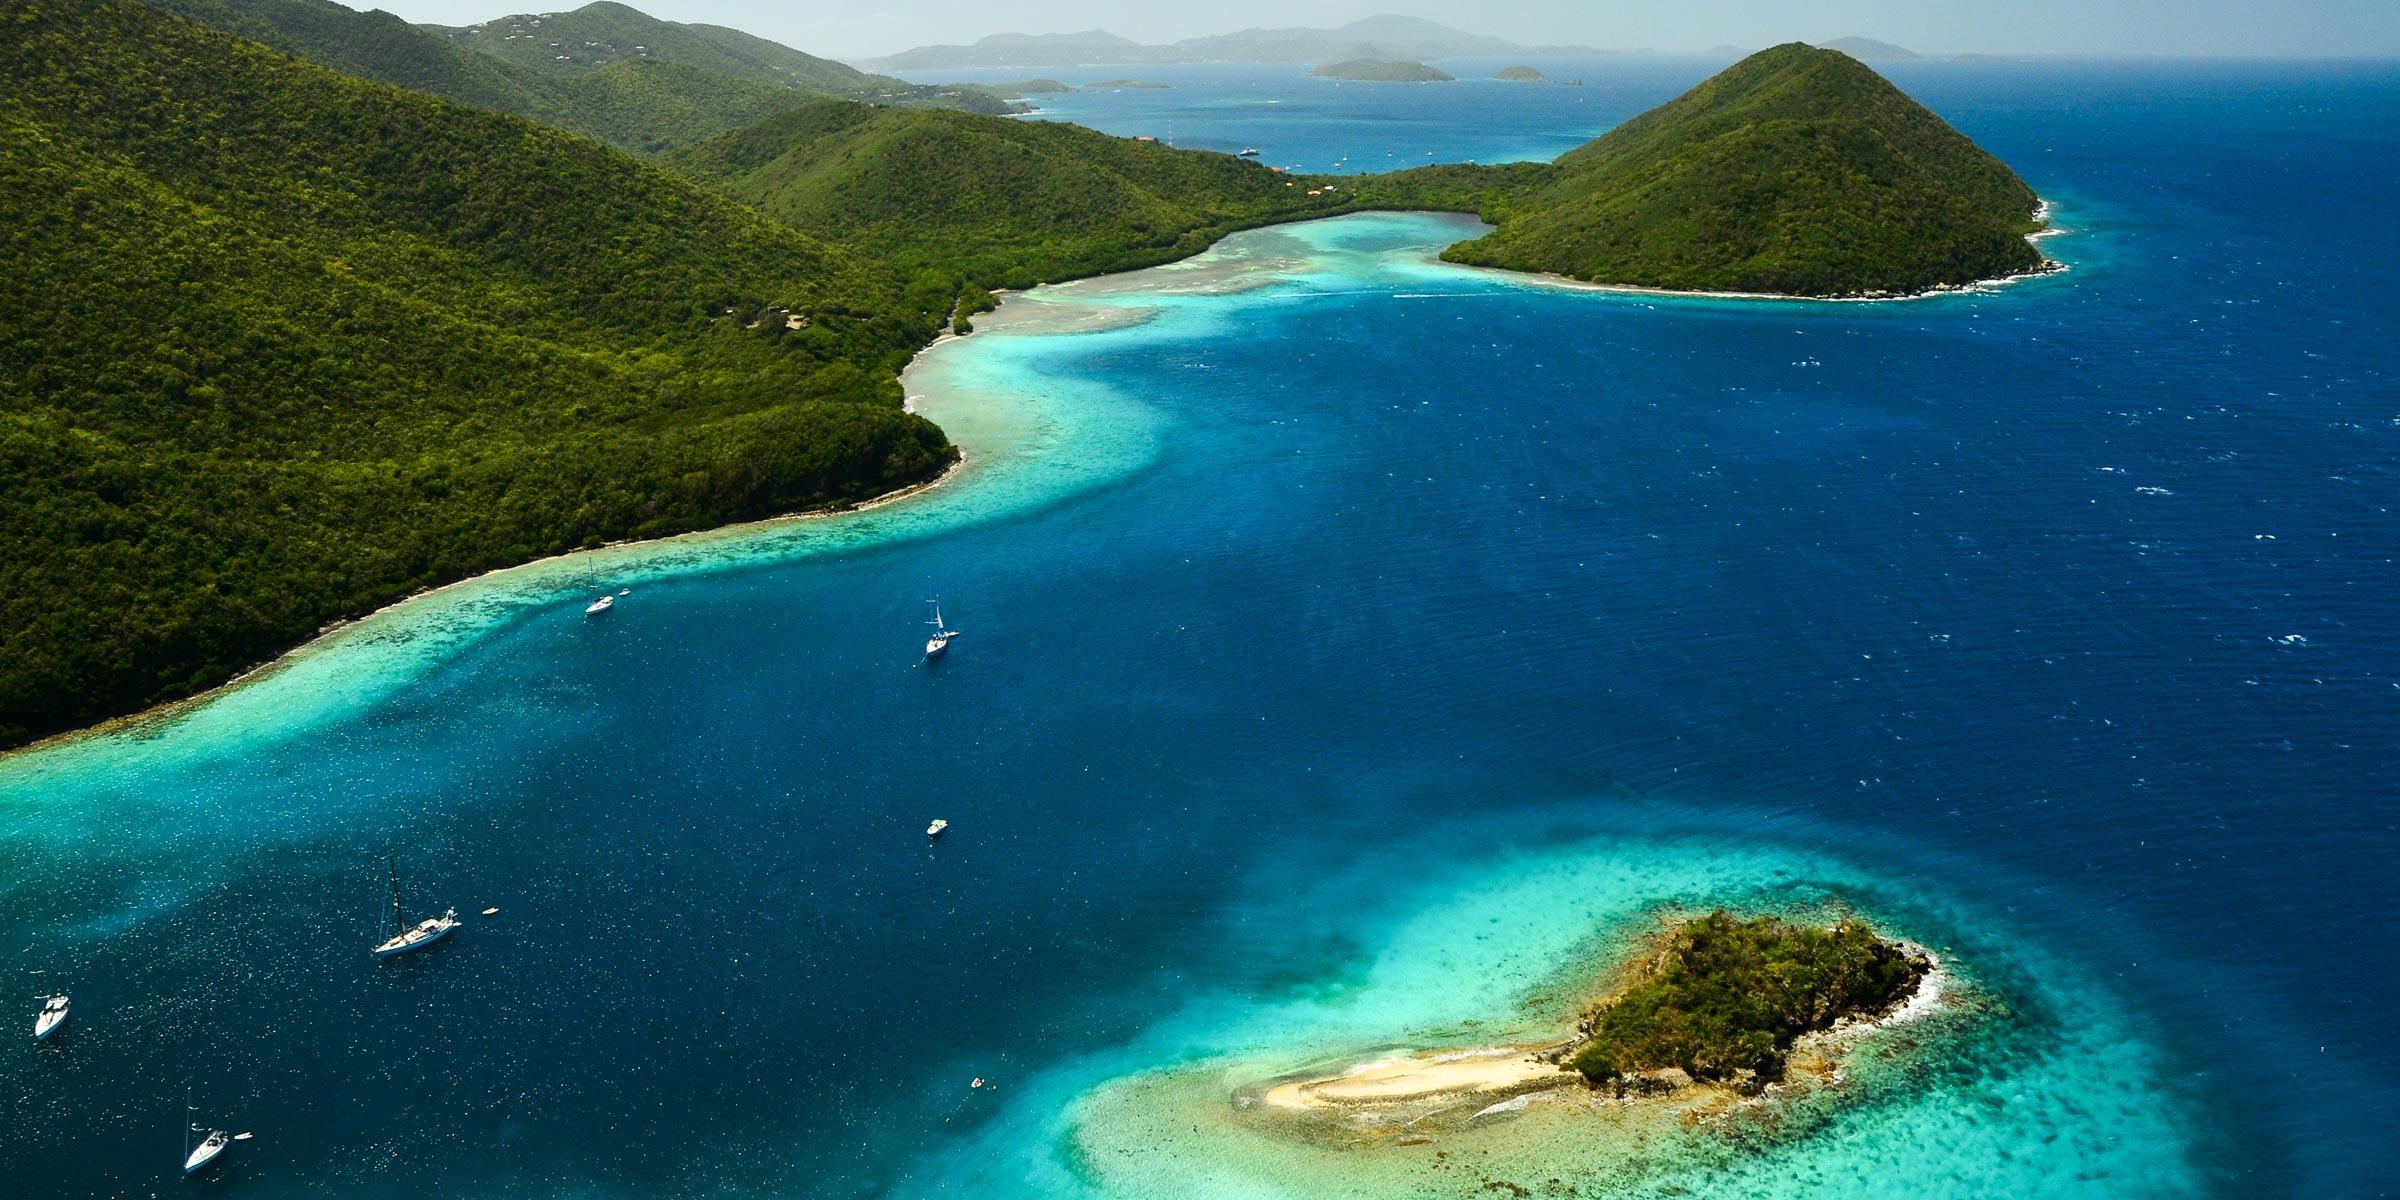 Waterlemon Cay on St. John, U.S. Virgin Islands